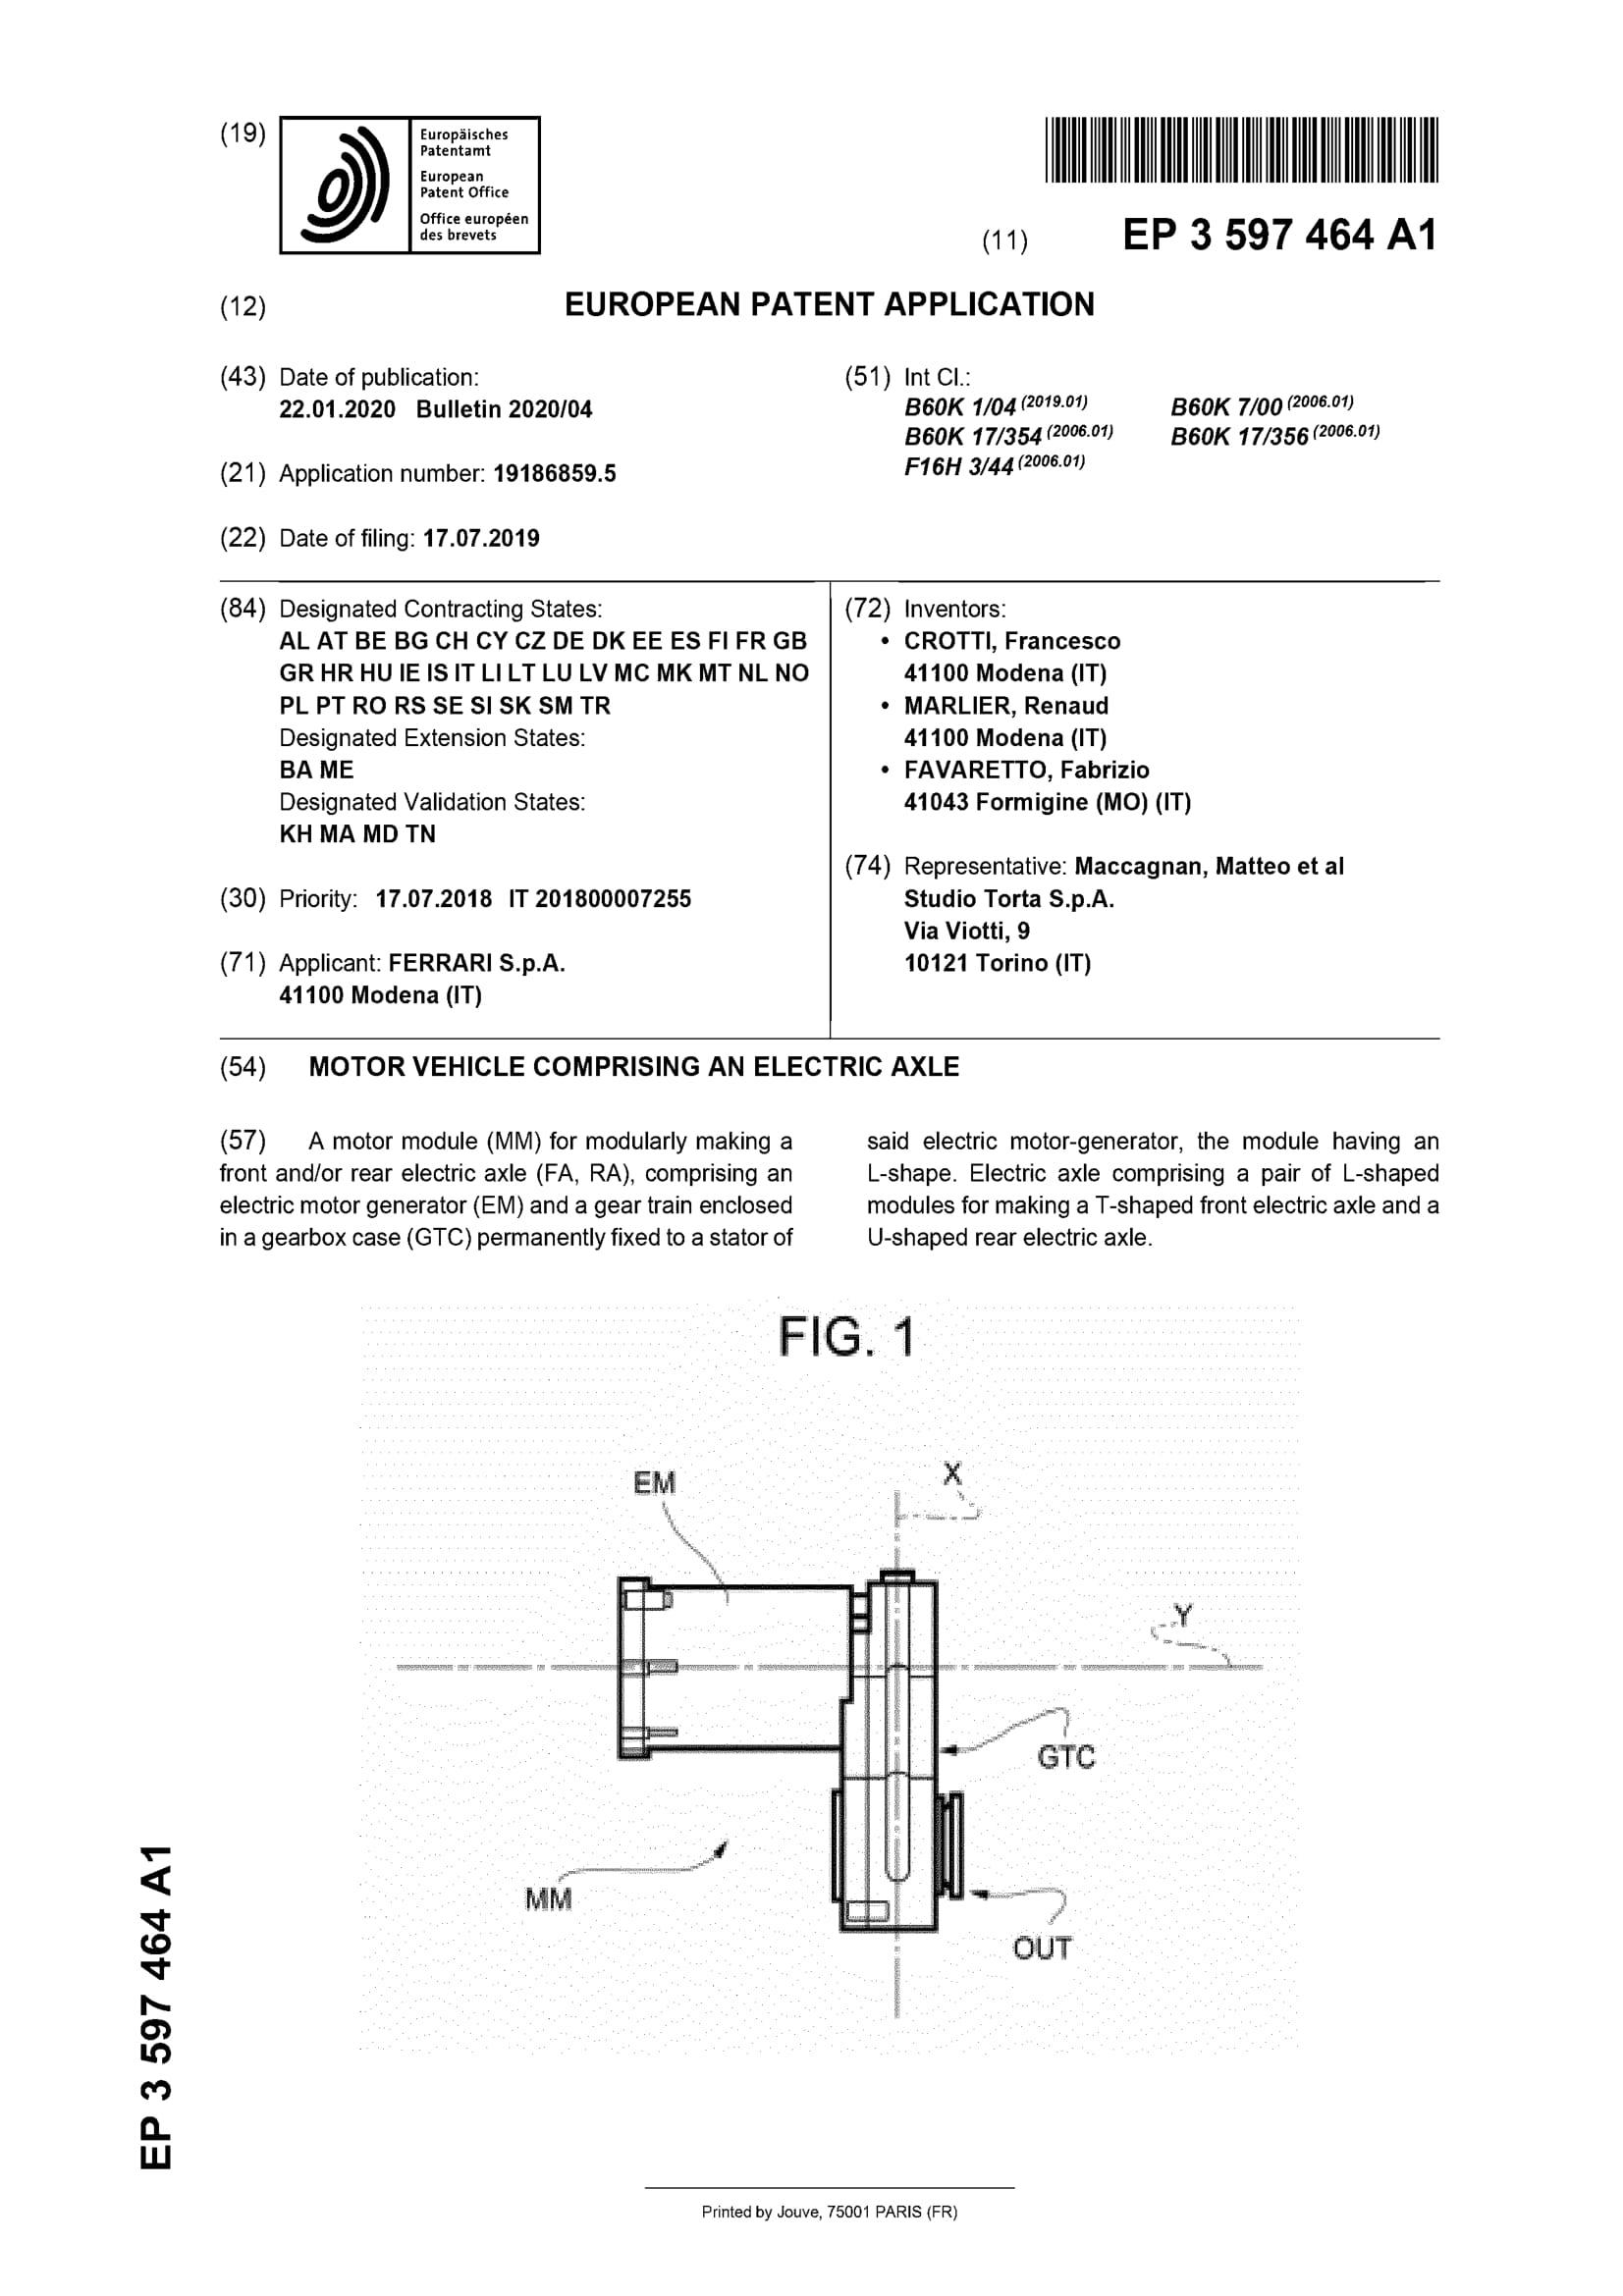 Ferrari-Electric-patent-1